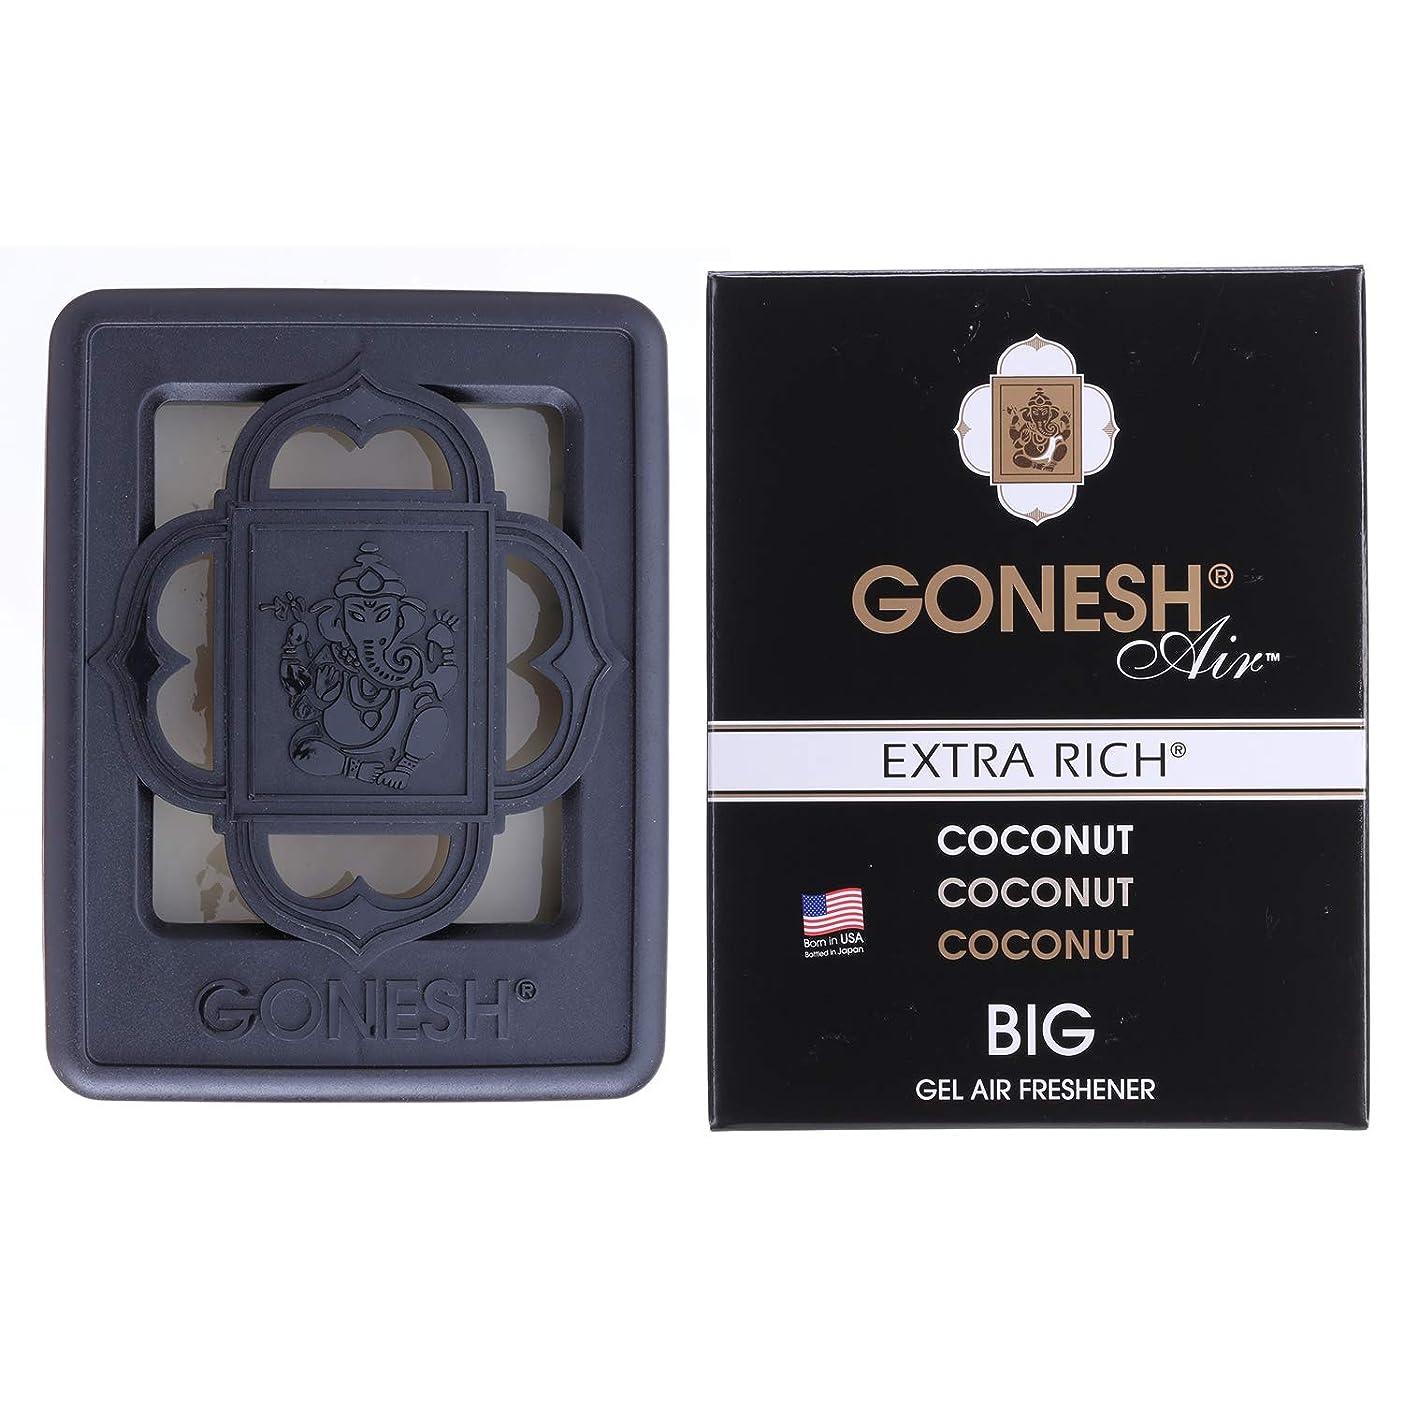 合理的気体の全能GONESH(ガーネッシュ)ビッグゲルエアフレッシュナー ココナッツ(ココナッツの香り)